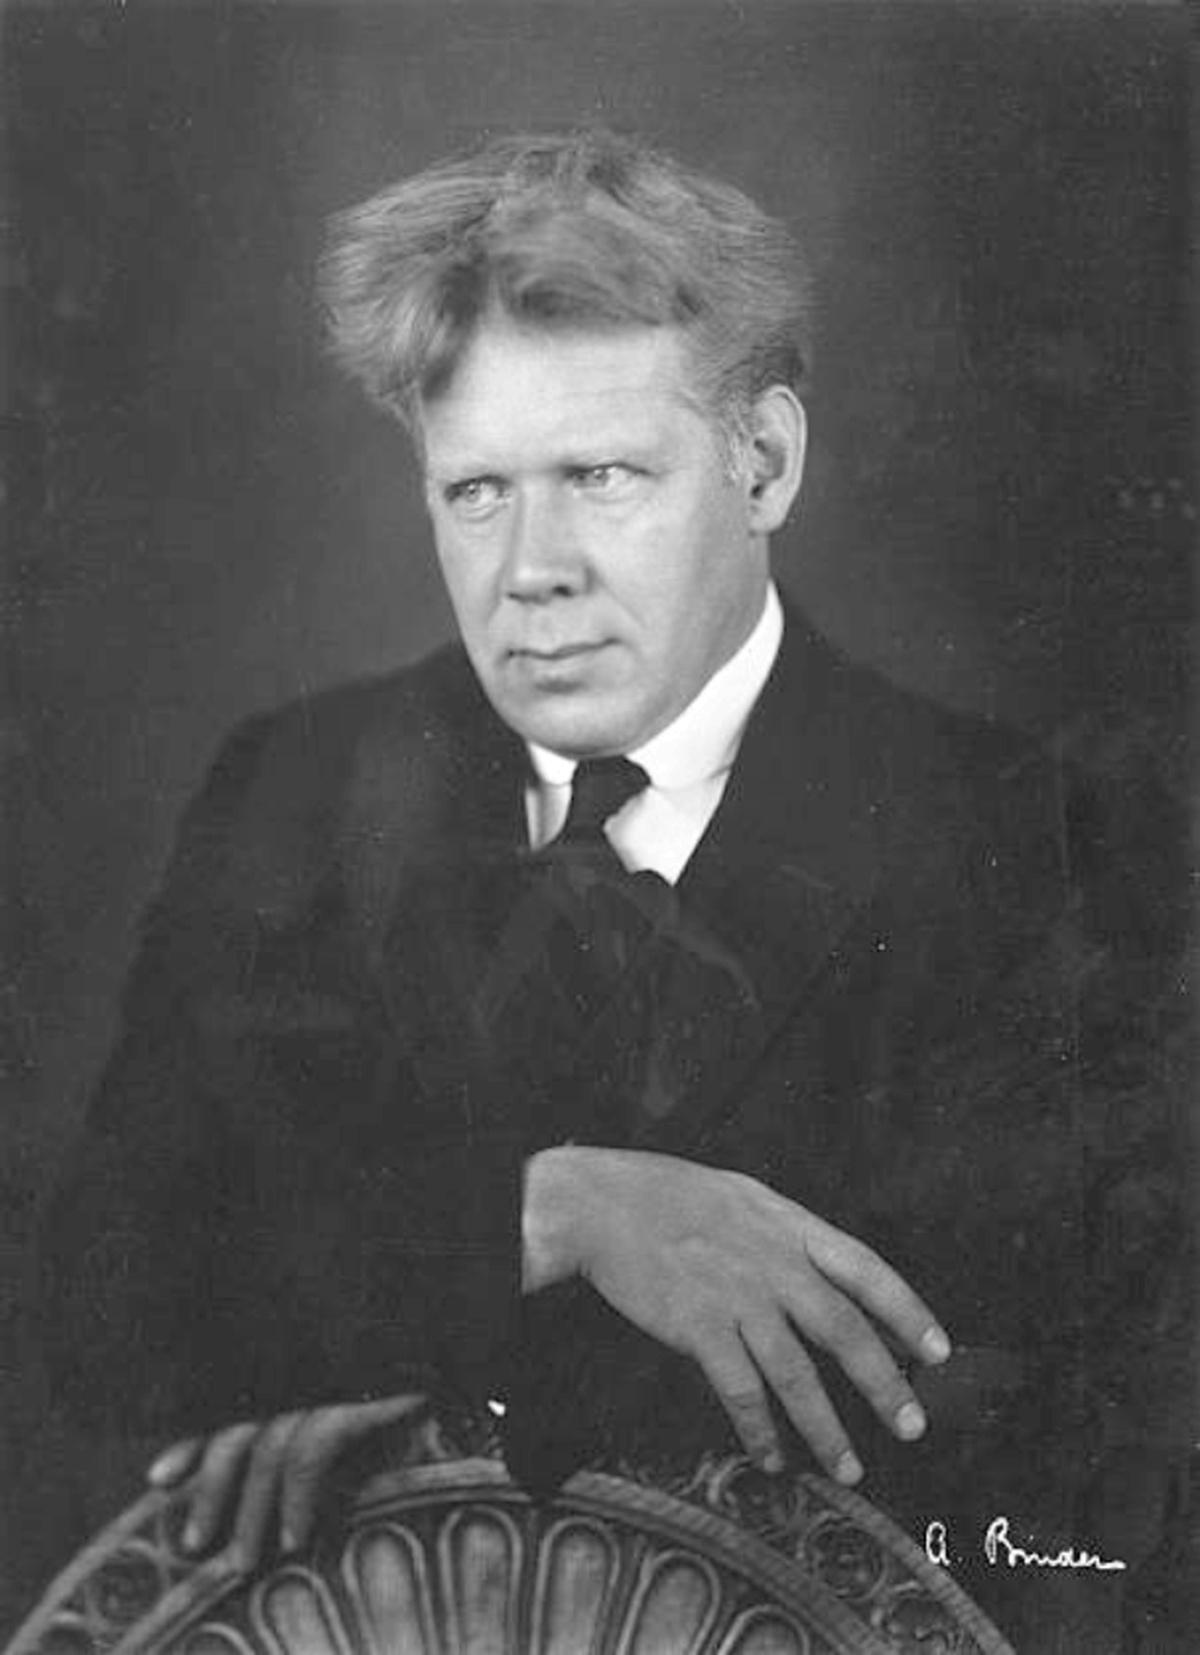 Edwin FISCHER, décembre 1931, portrait fait par A.Binder, cliquer pour une vue agrandie